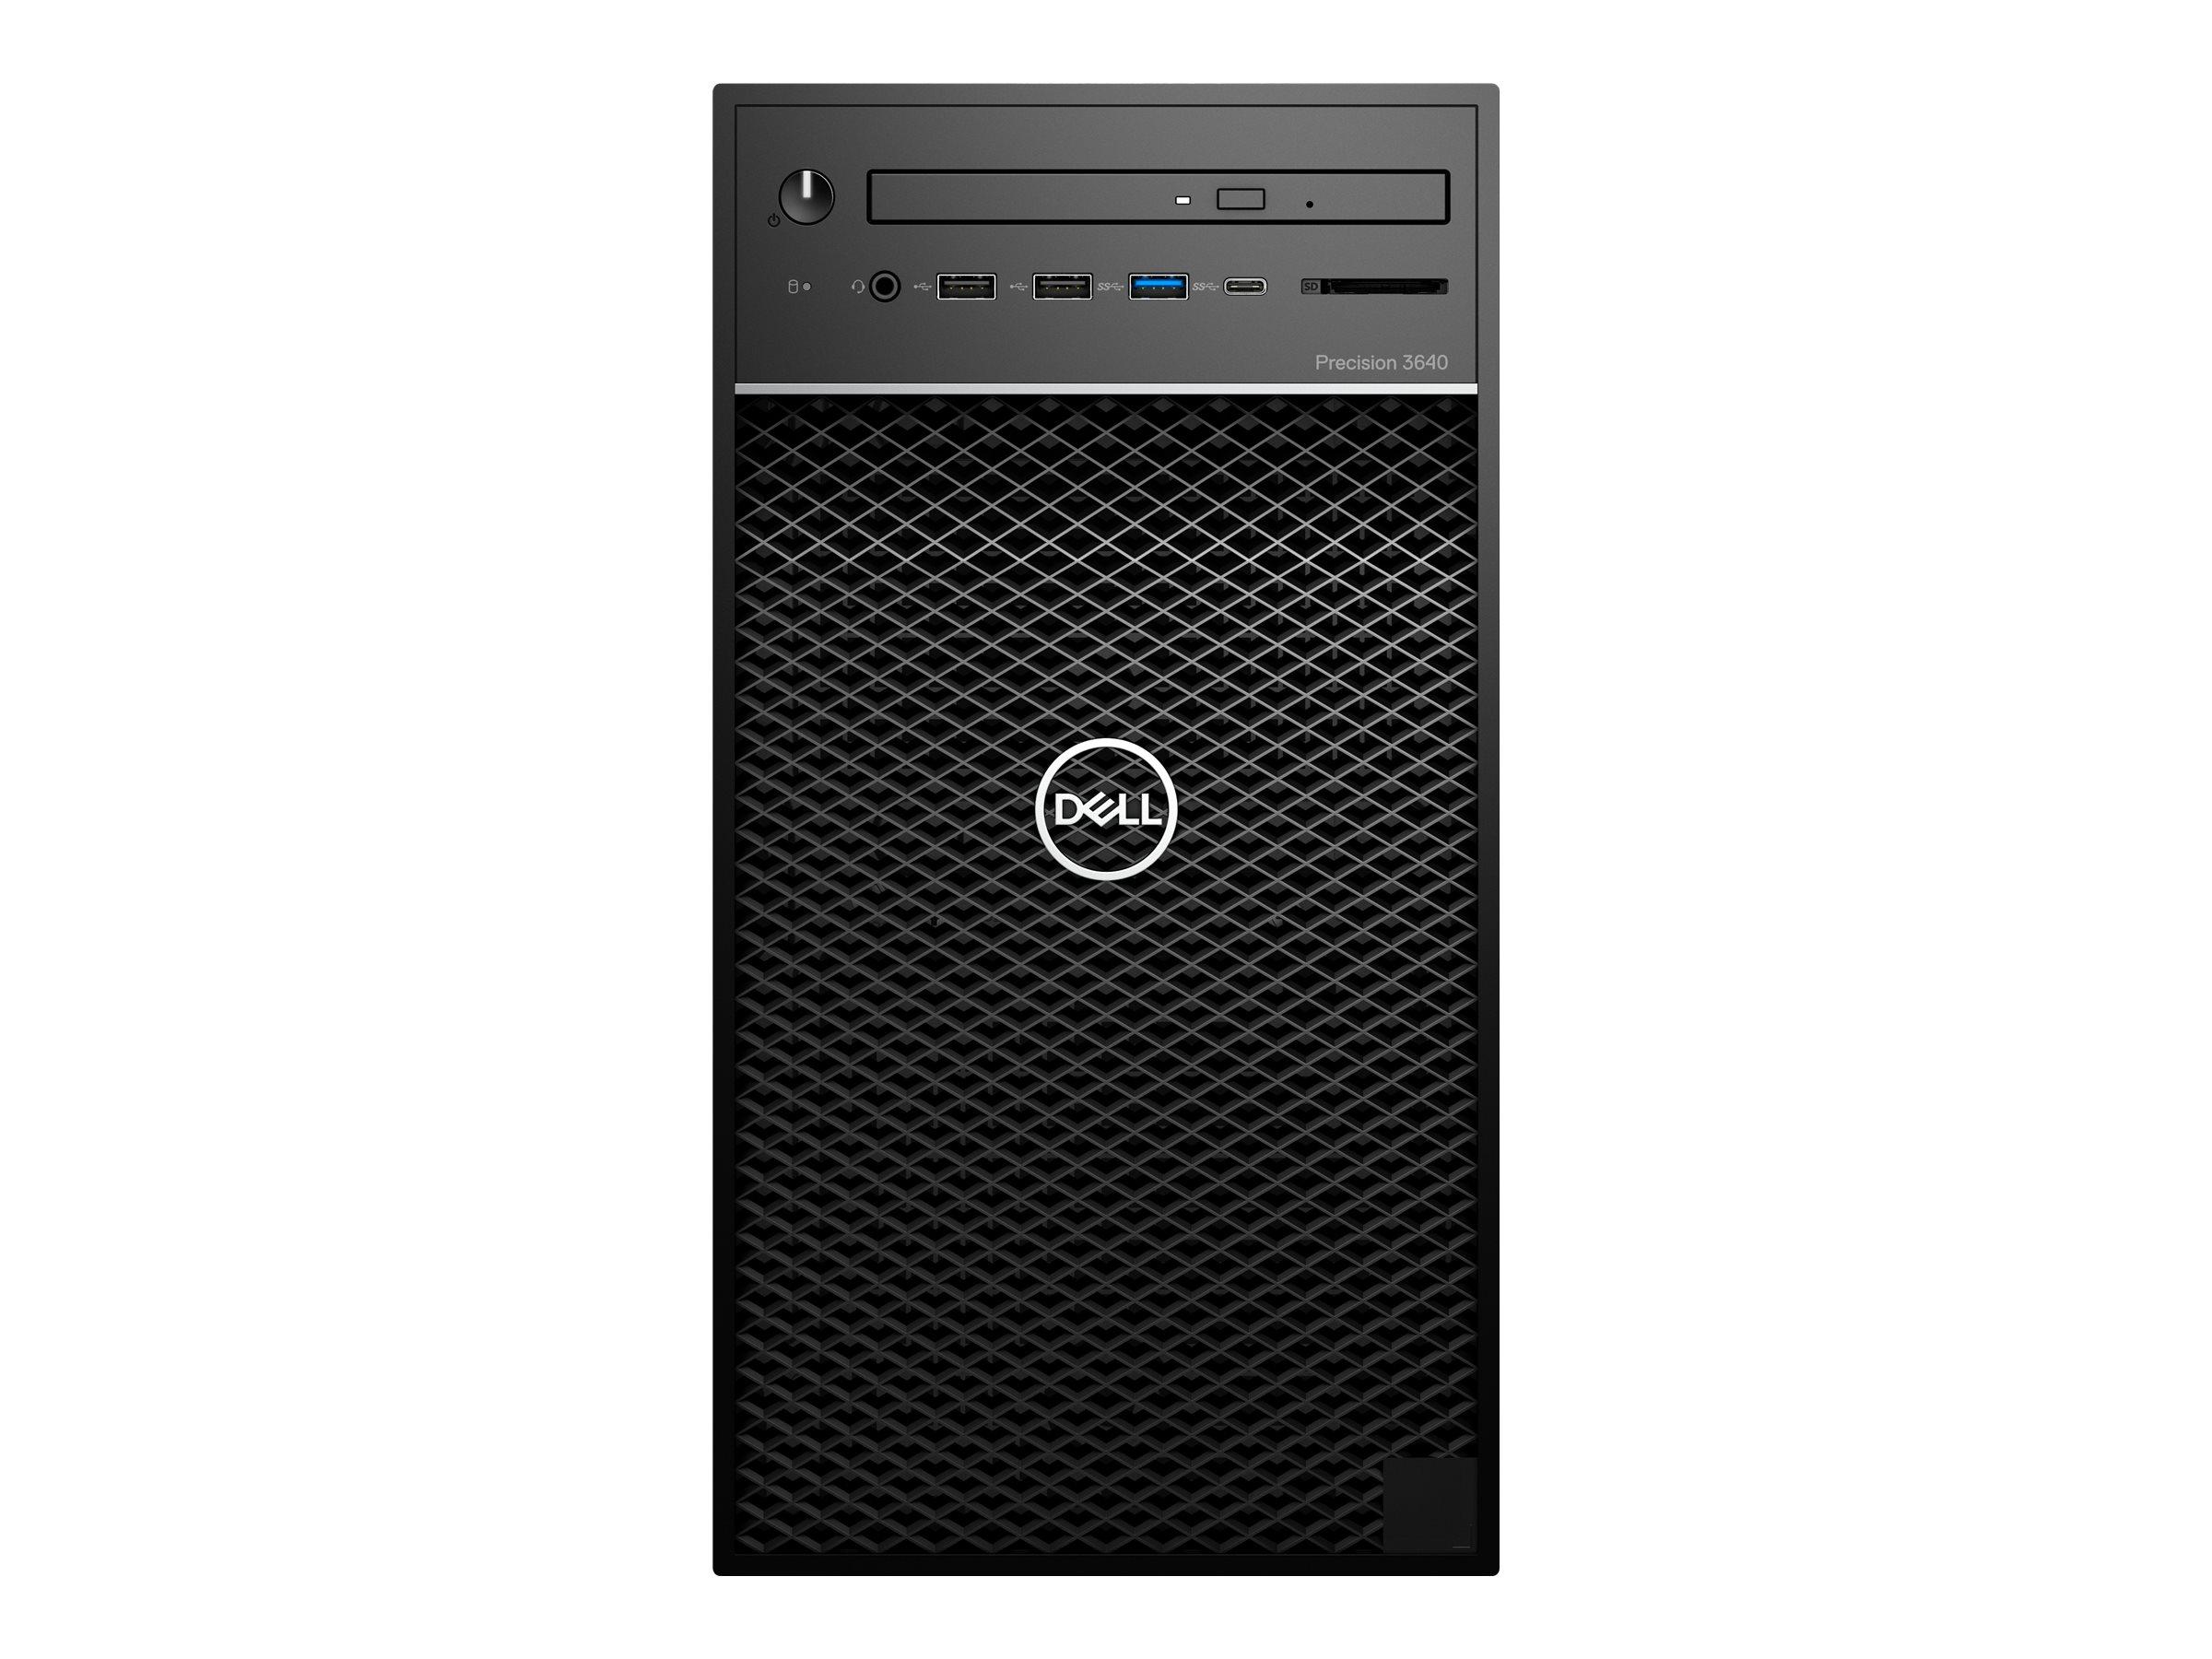 Dell Precision 3640 Tower - MT - Core i7 10700 2.9 GHz - 16 GB - SSD 512 GB